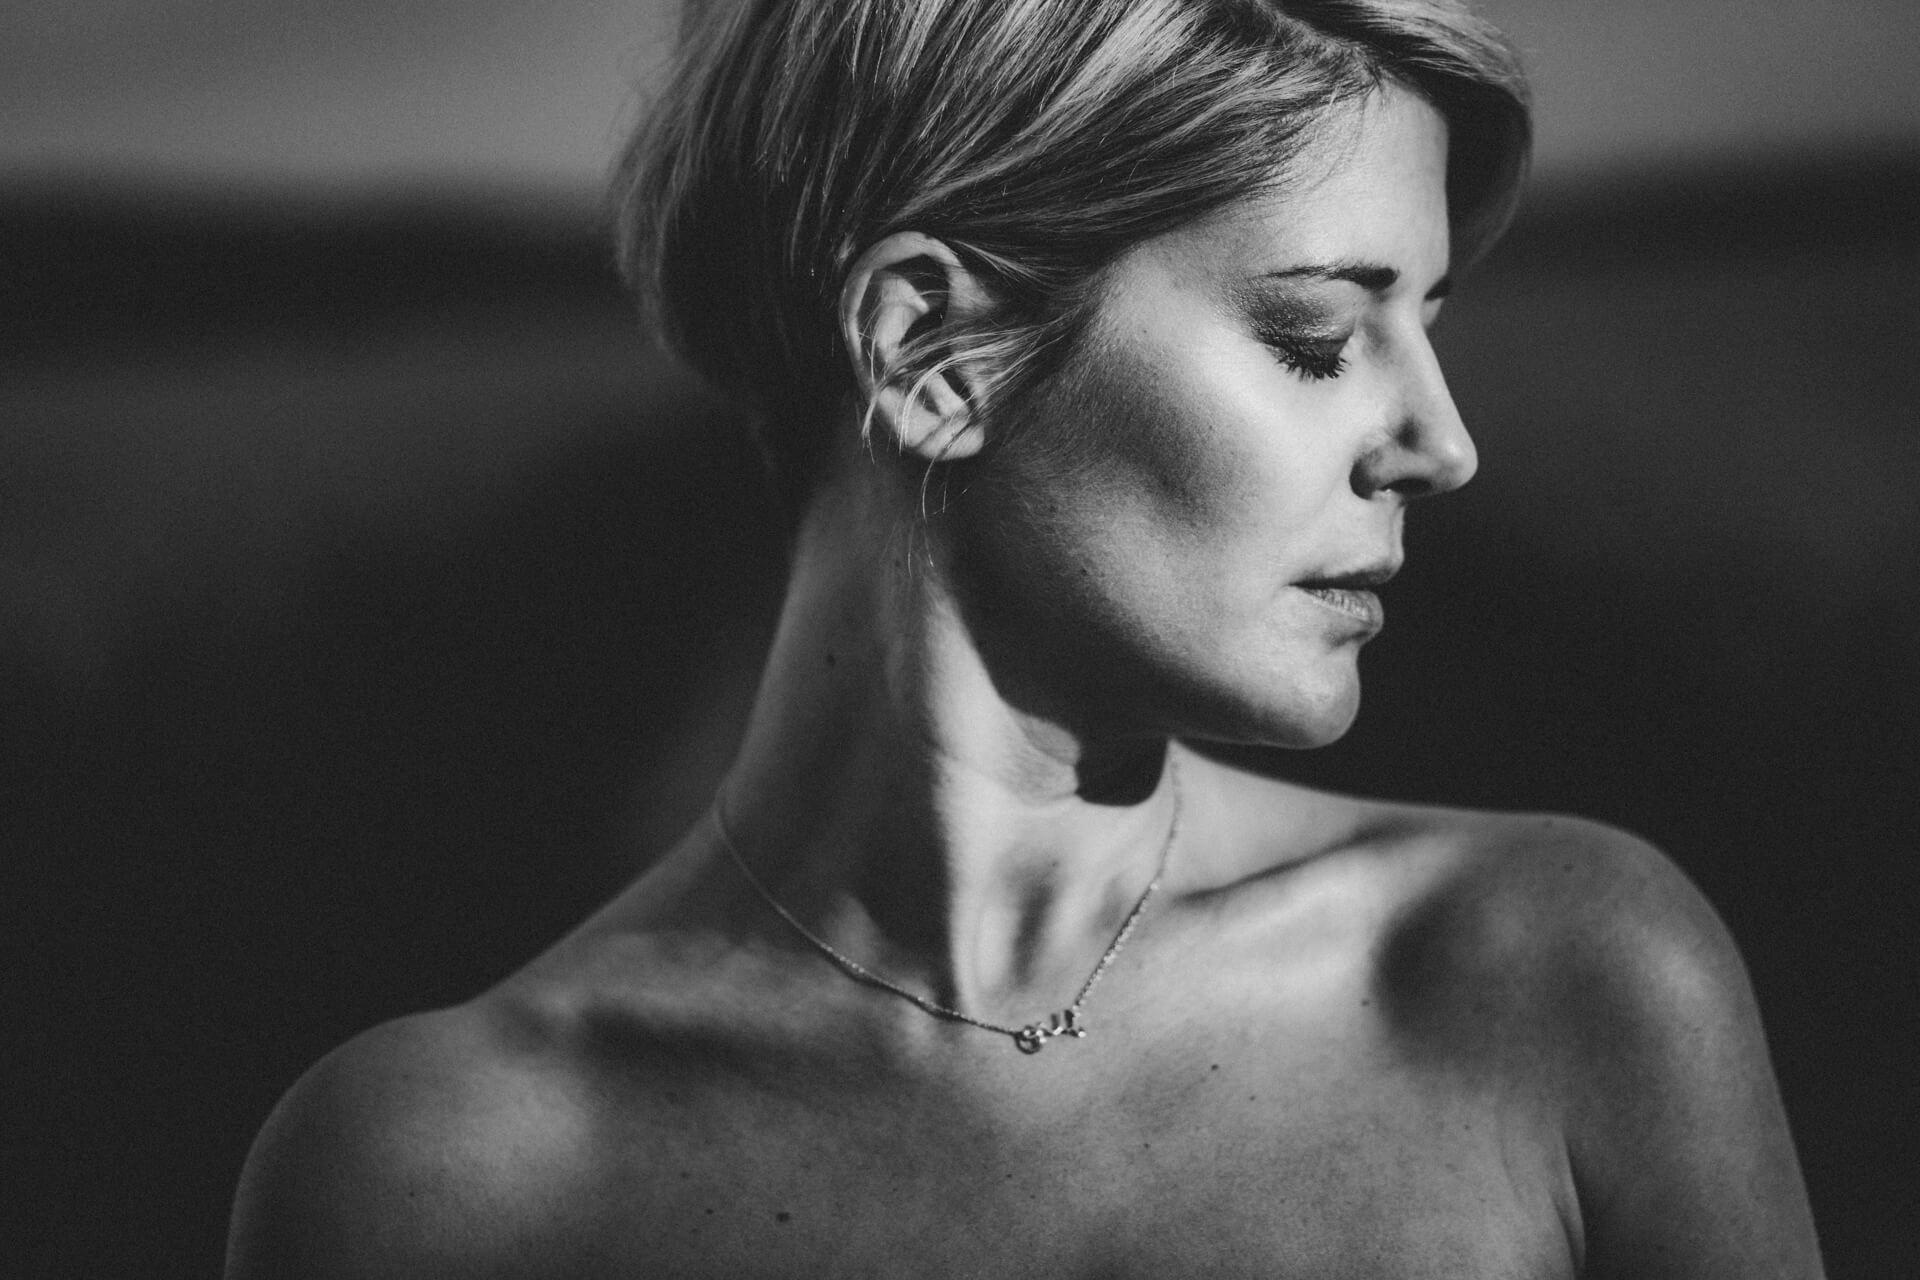 Sinnliches Porträtshooting mit Judith - Fotoshooting im Rapsfeld - Fotograf Marburg